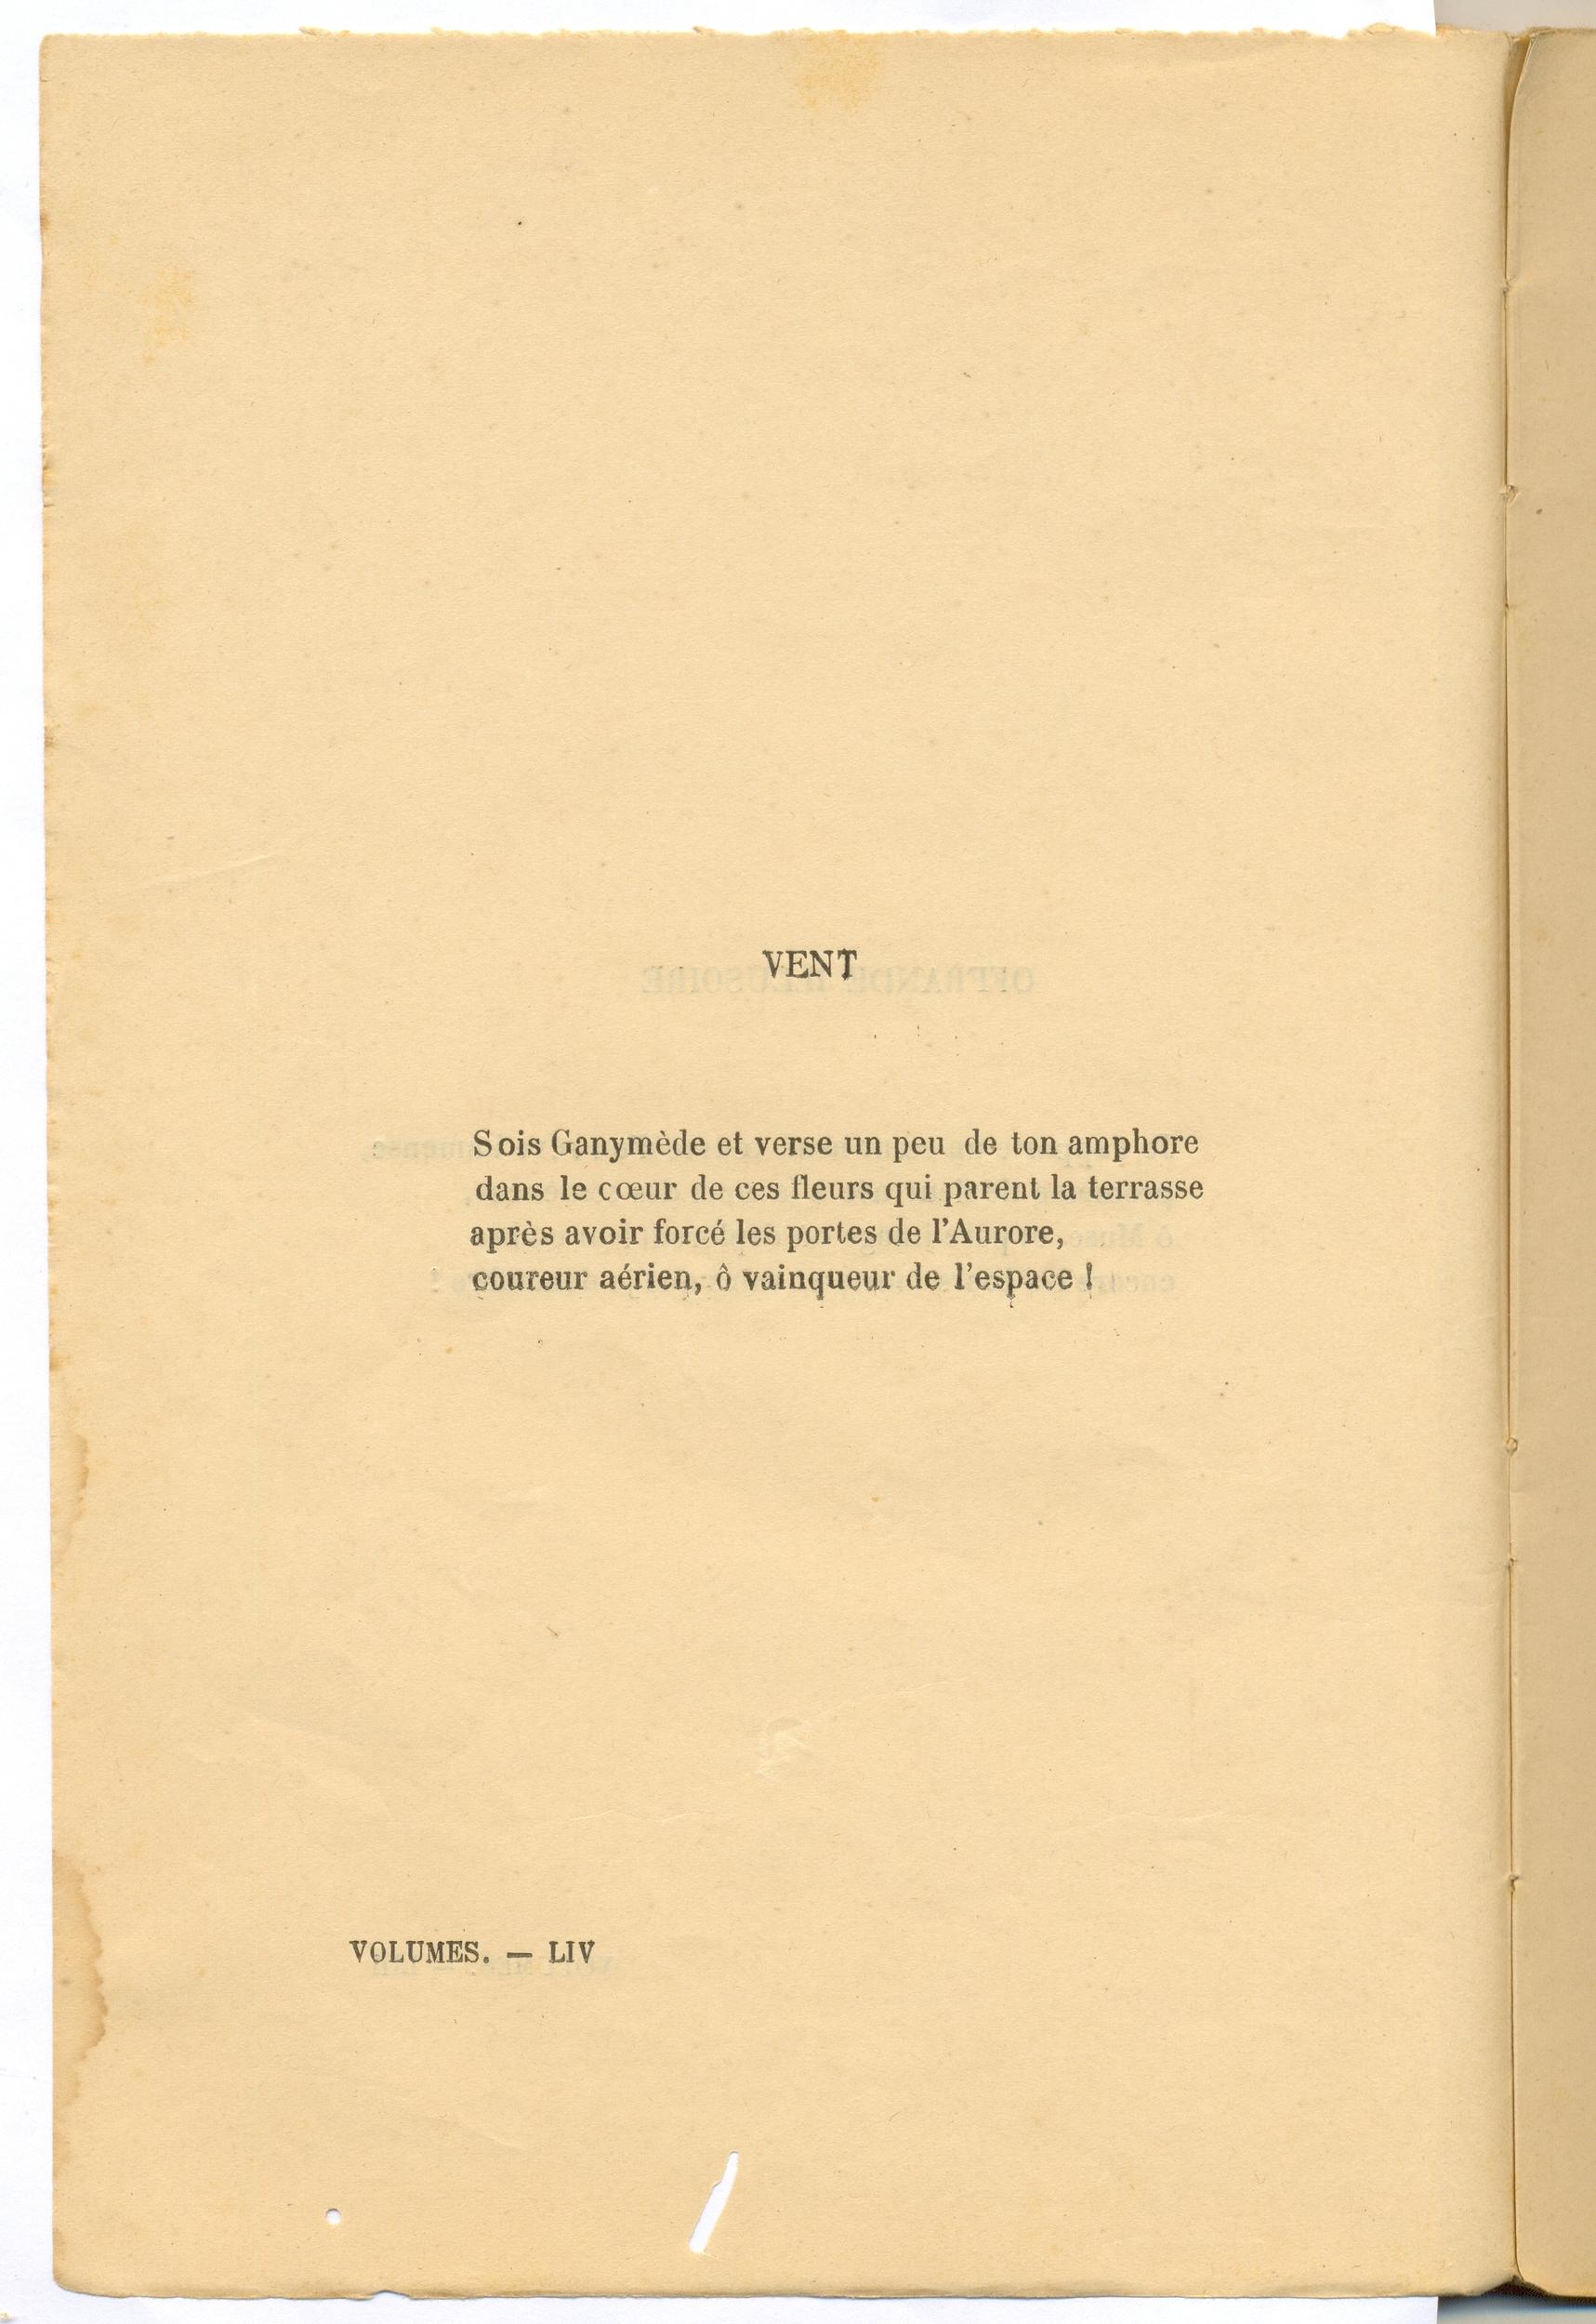 POE EDIT VOLUMES 48.jpg